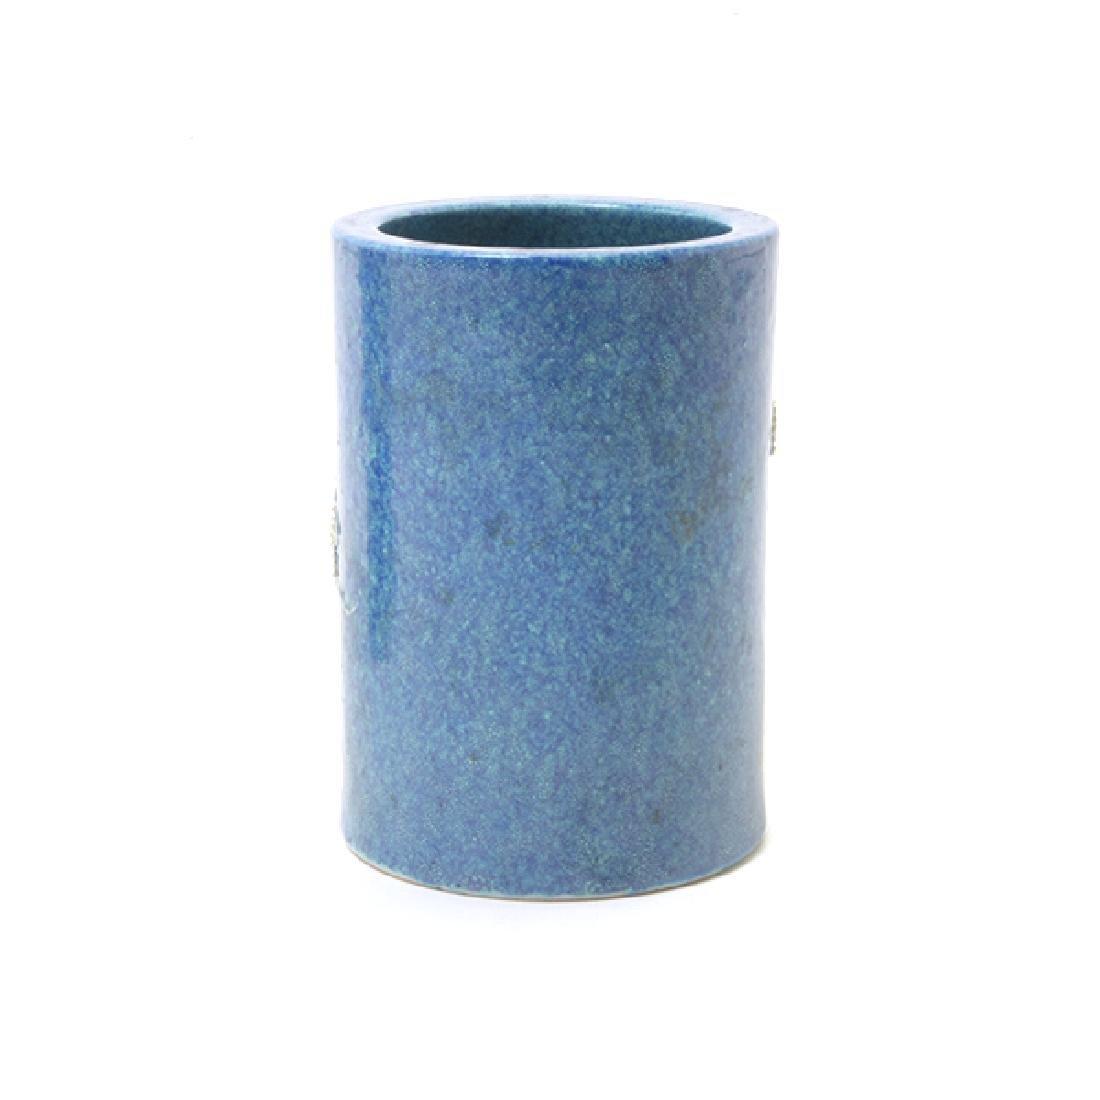 Pr of Biscuit Porcelain Brush Pots, L 19th/E 20th C - 4